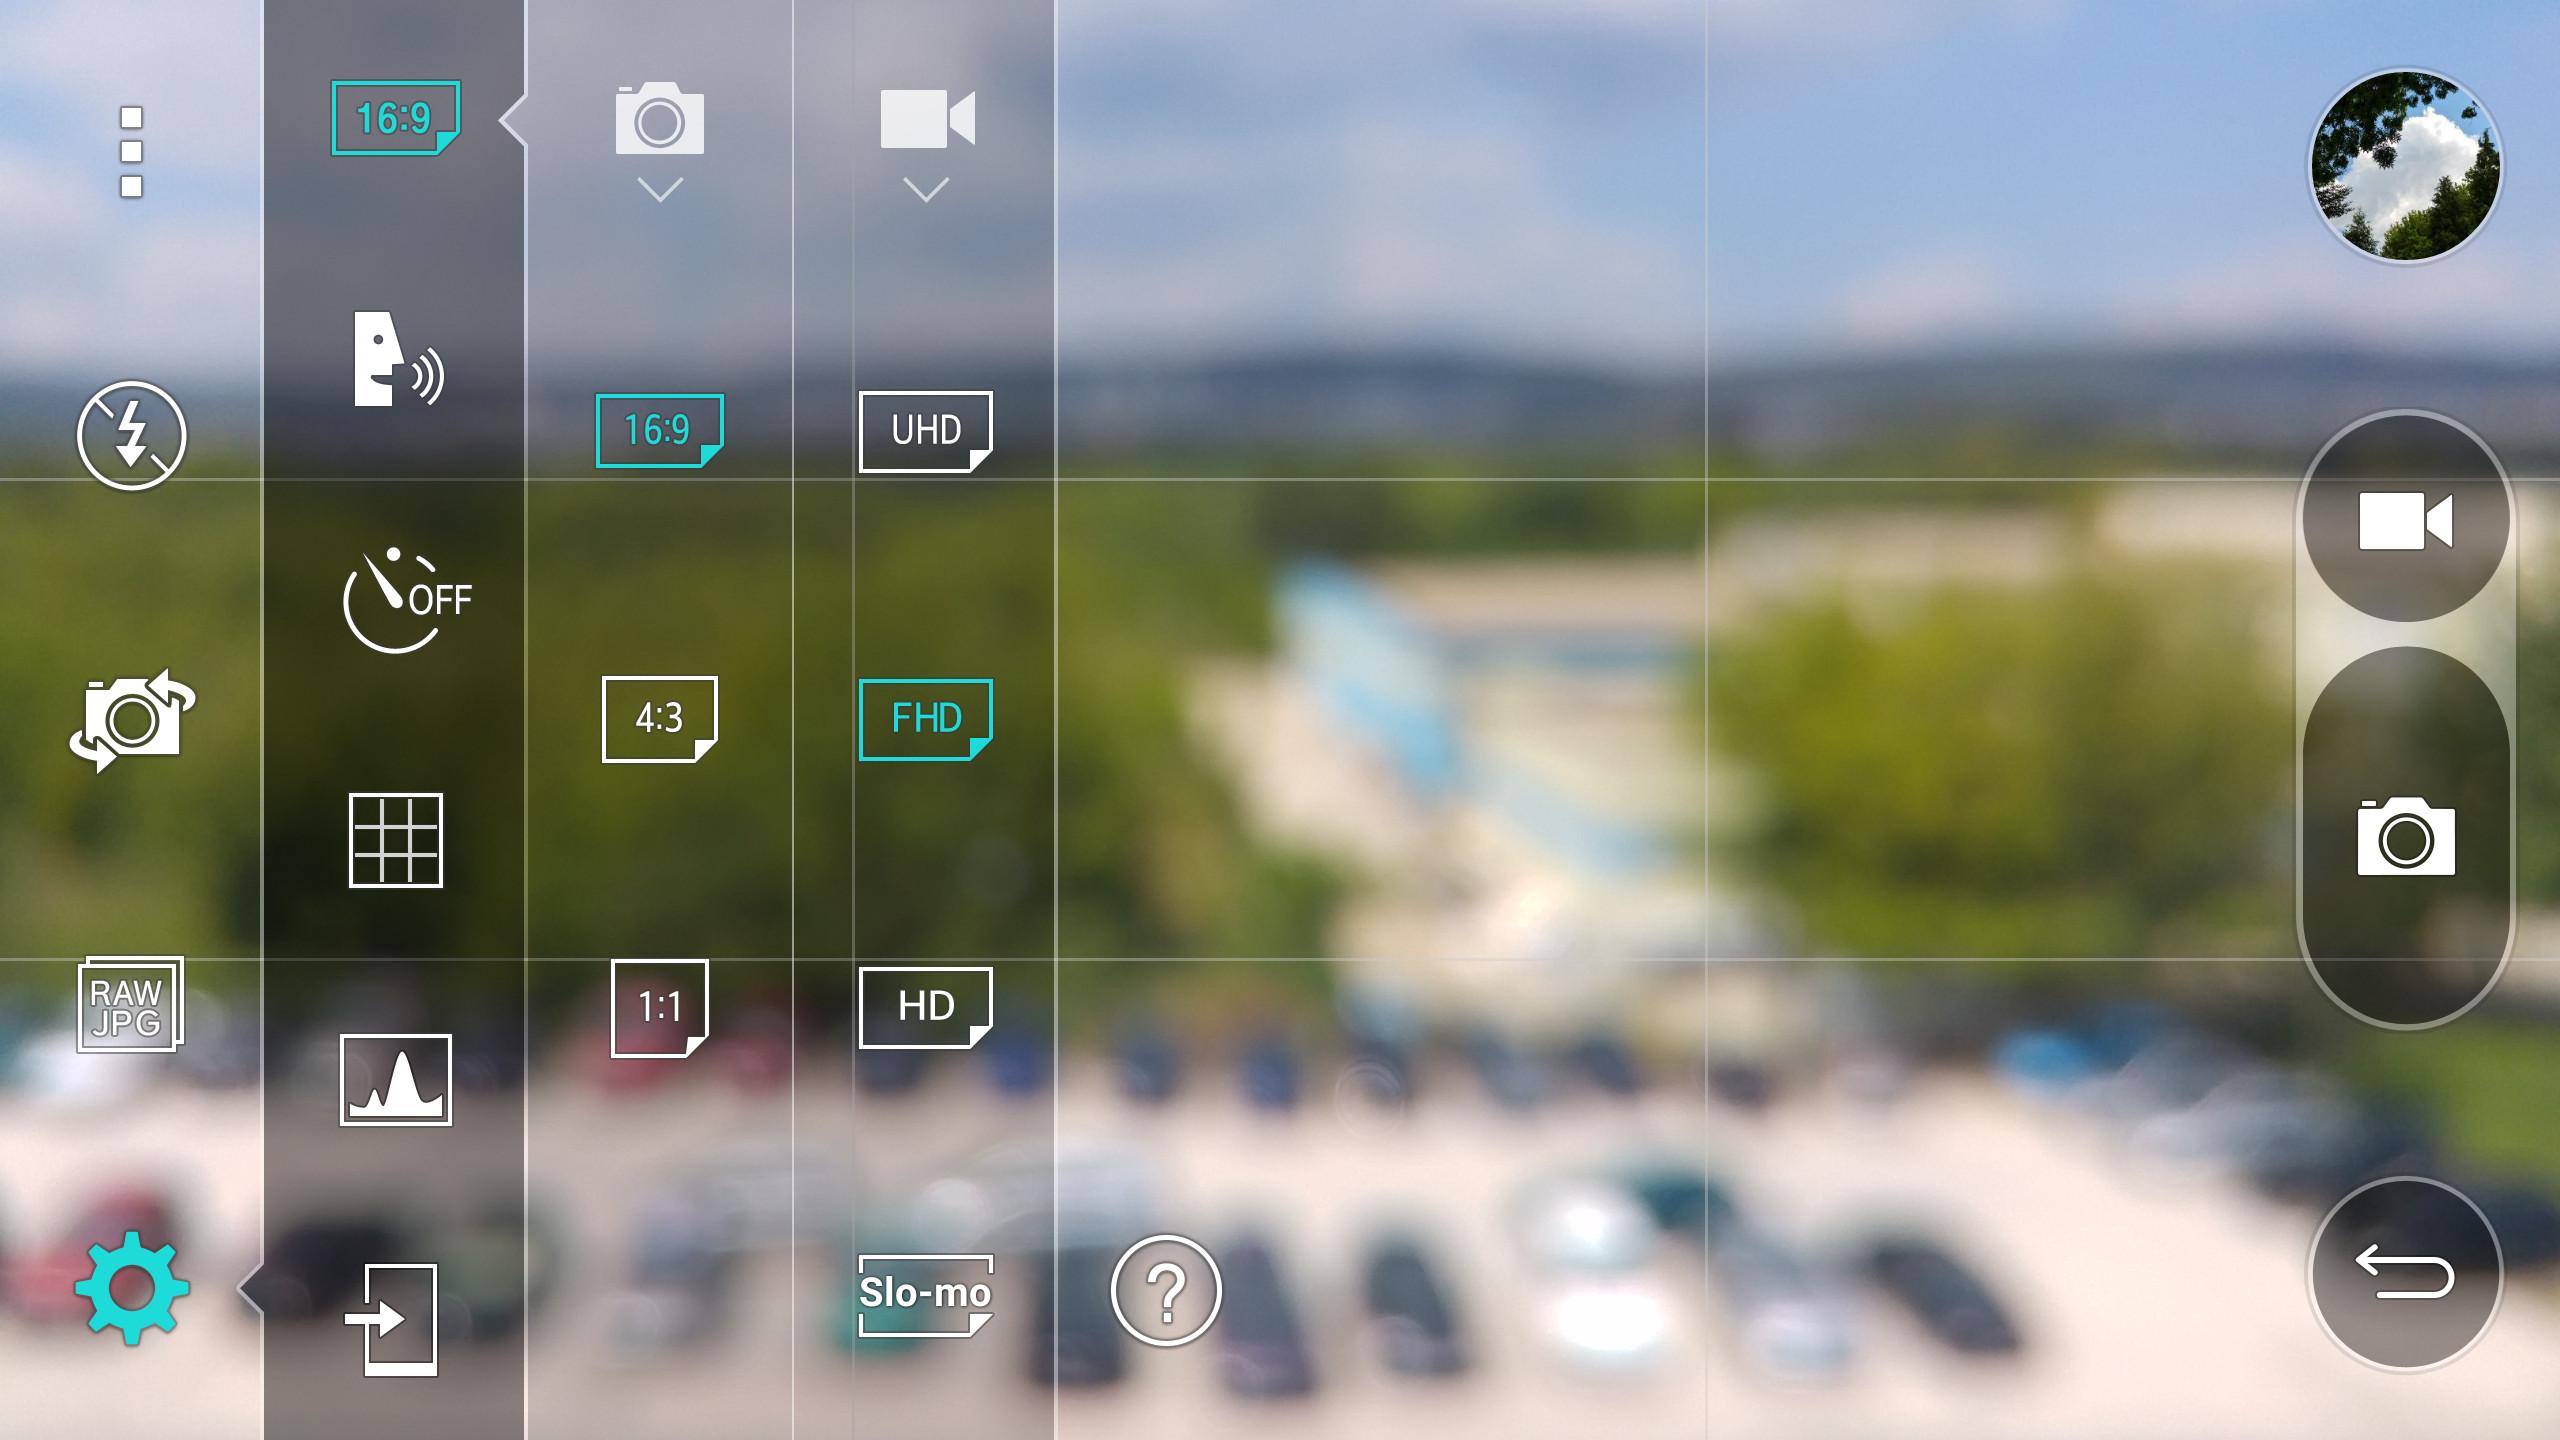 LG-G4-slow-motion-is-hidden-in-settings